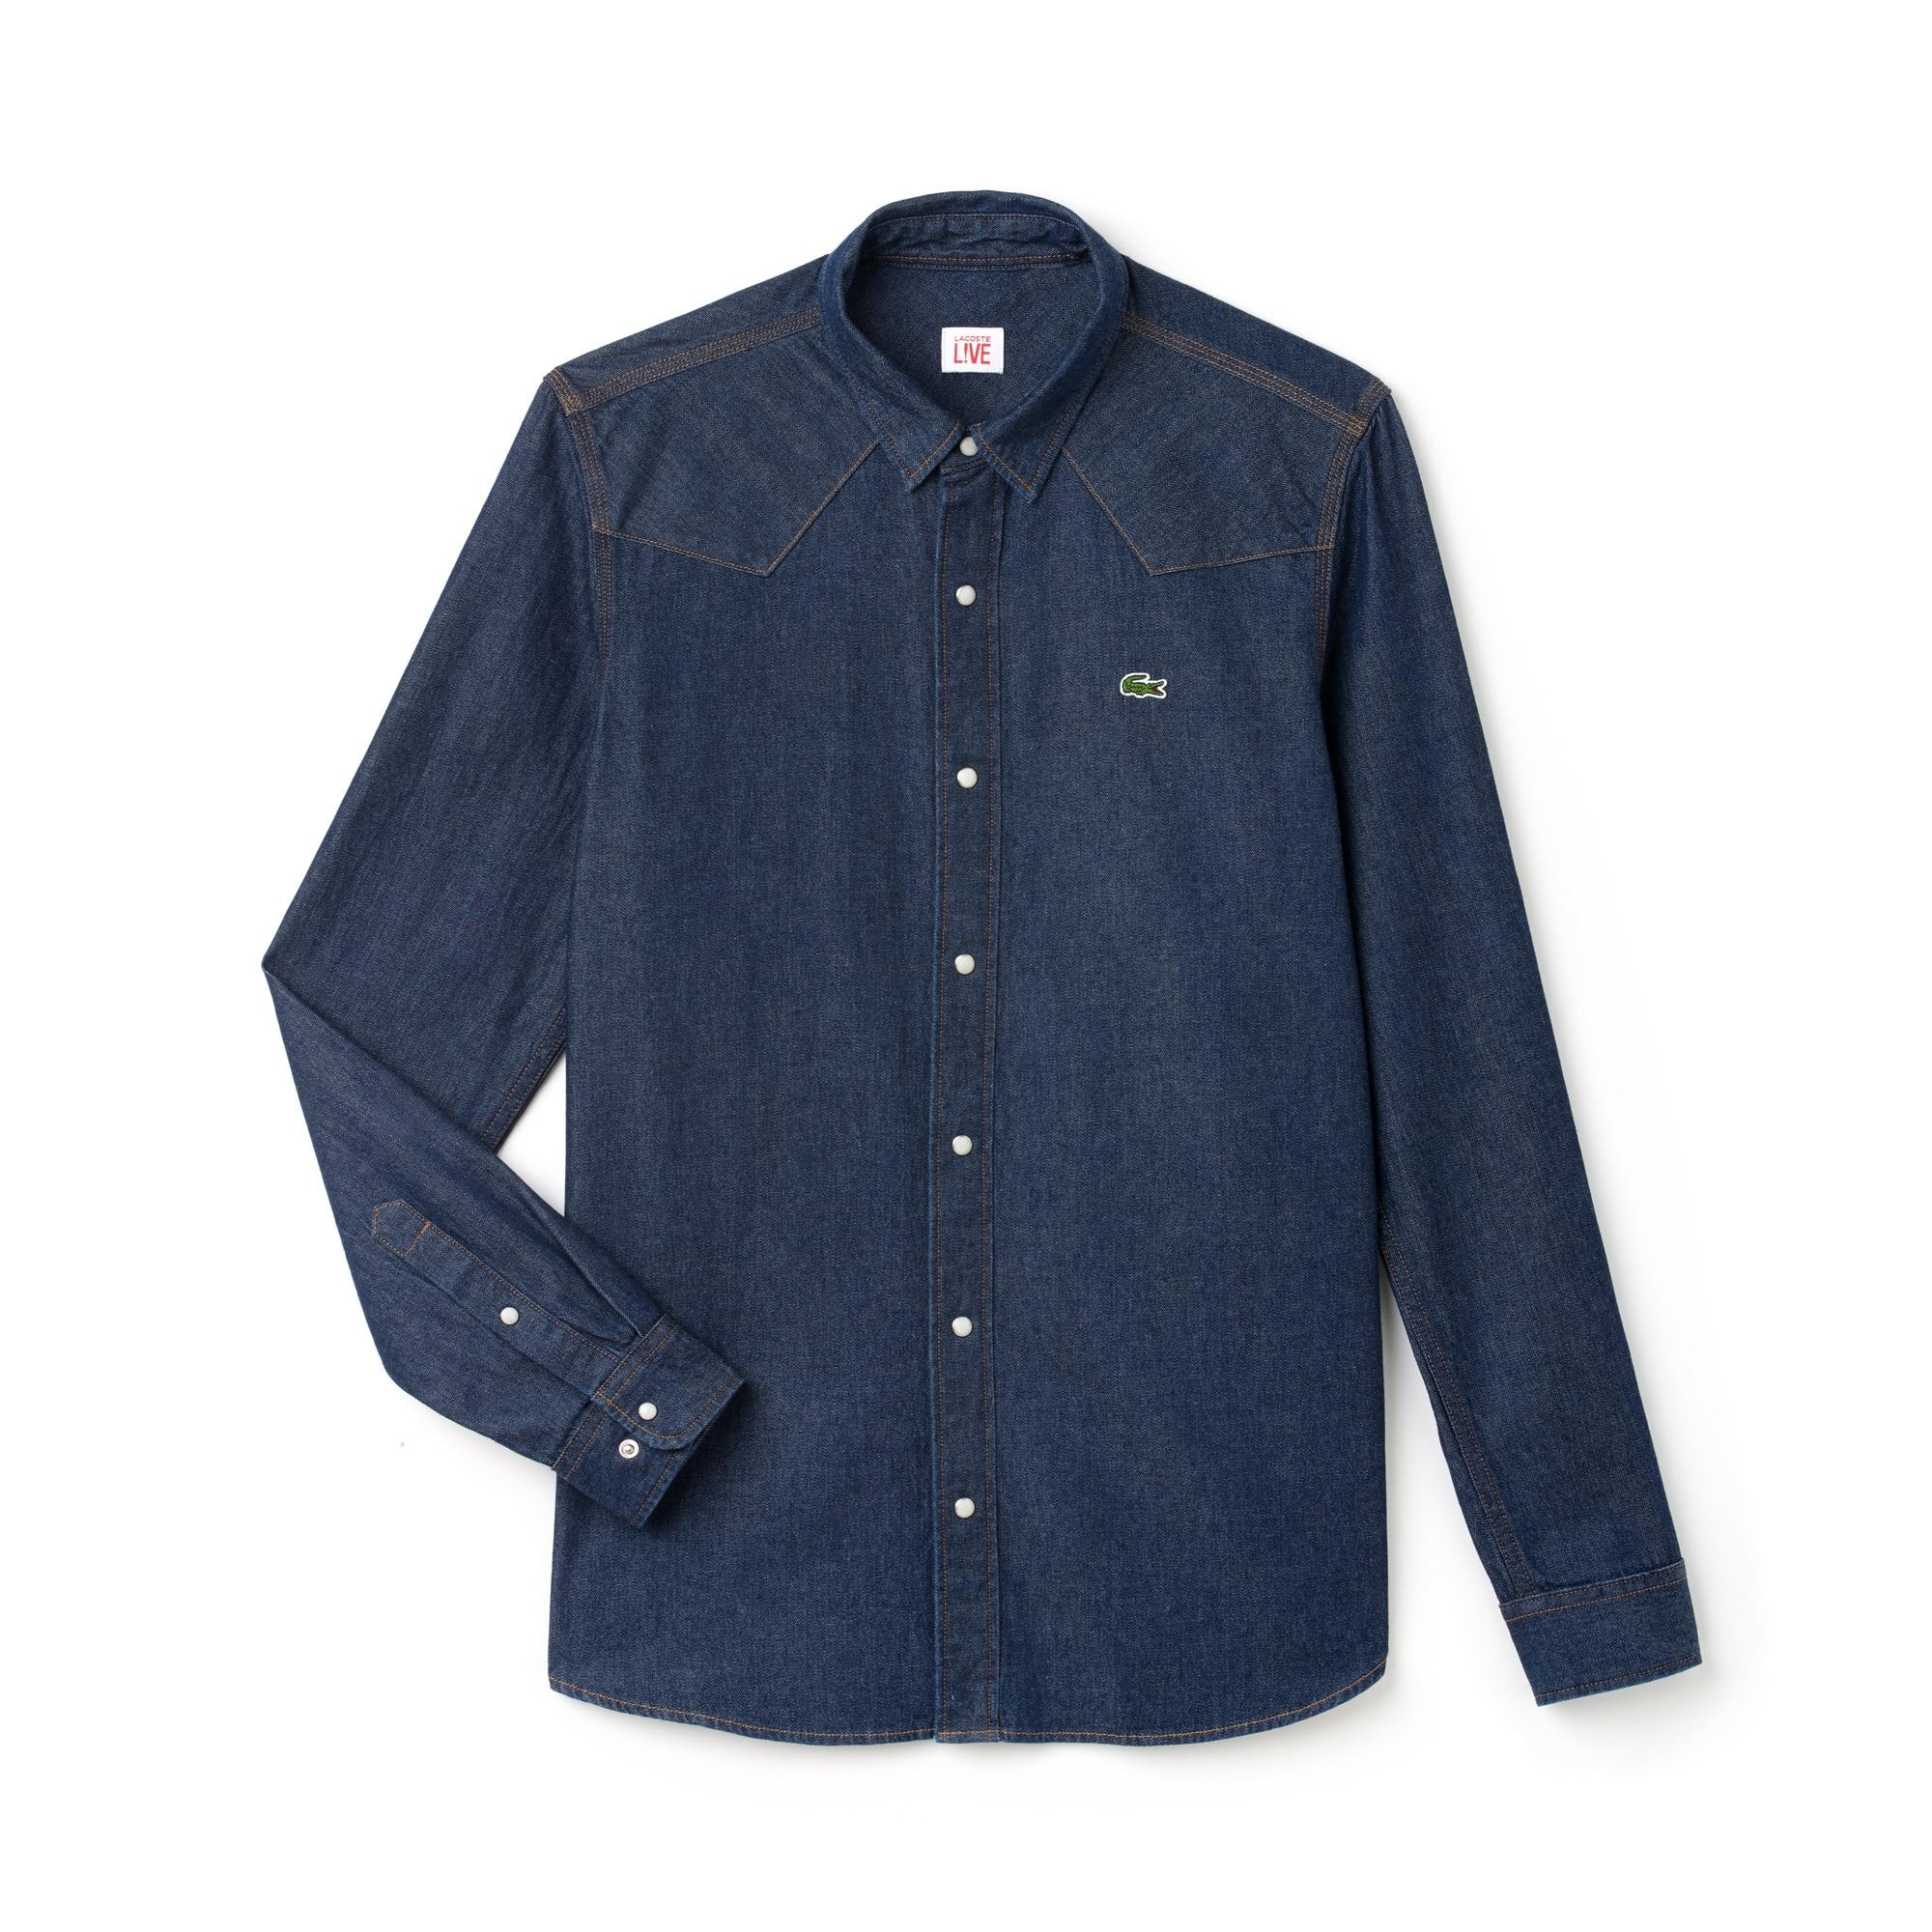 قميص رجالي مقاس ضيق برقبة من قماش الدنيم من مجموعة Lacoste LIVE